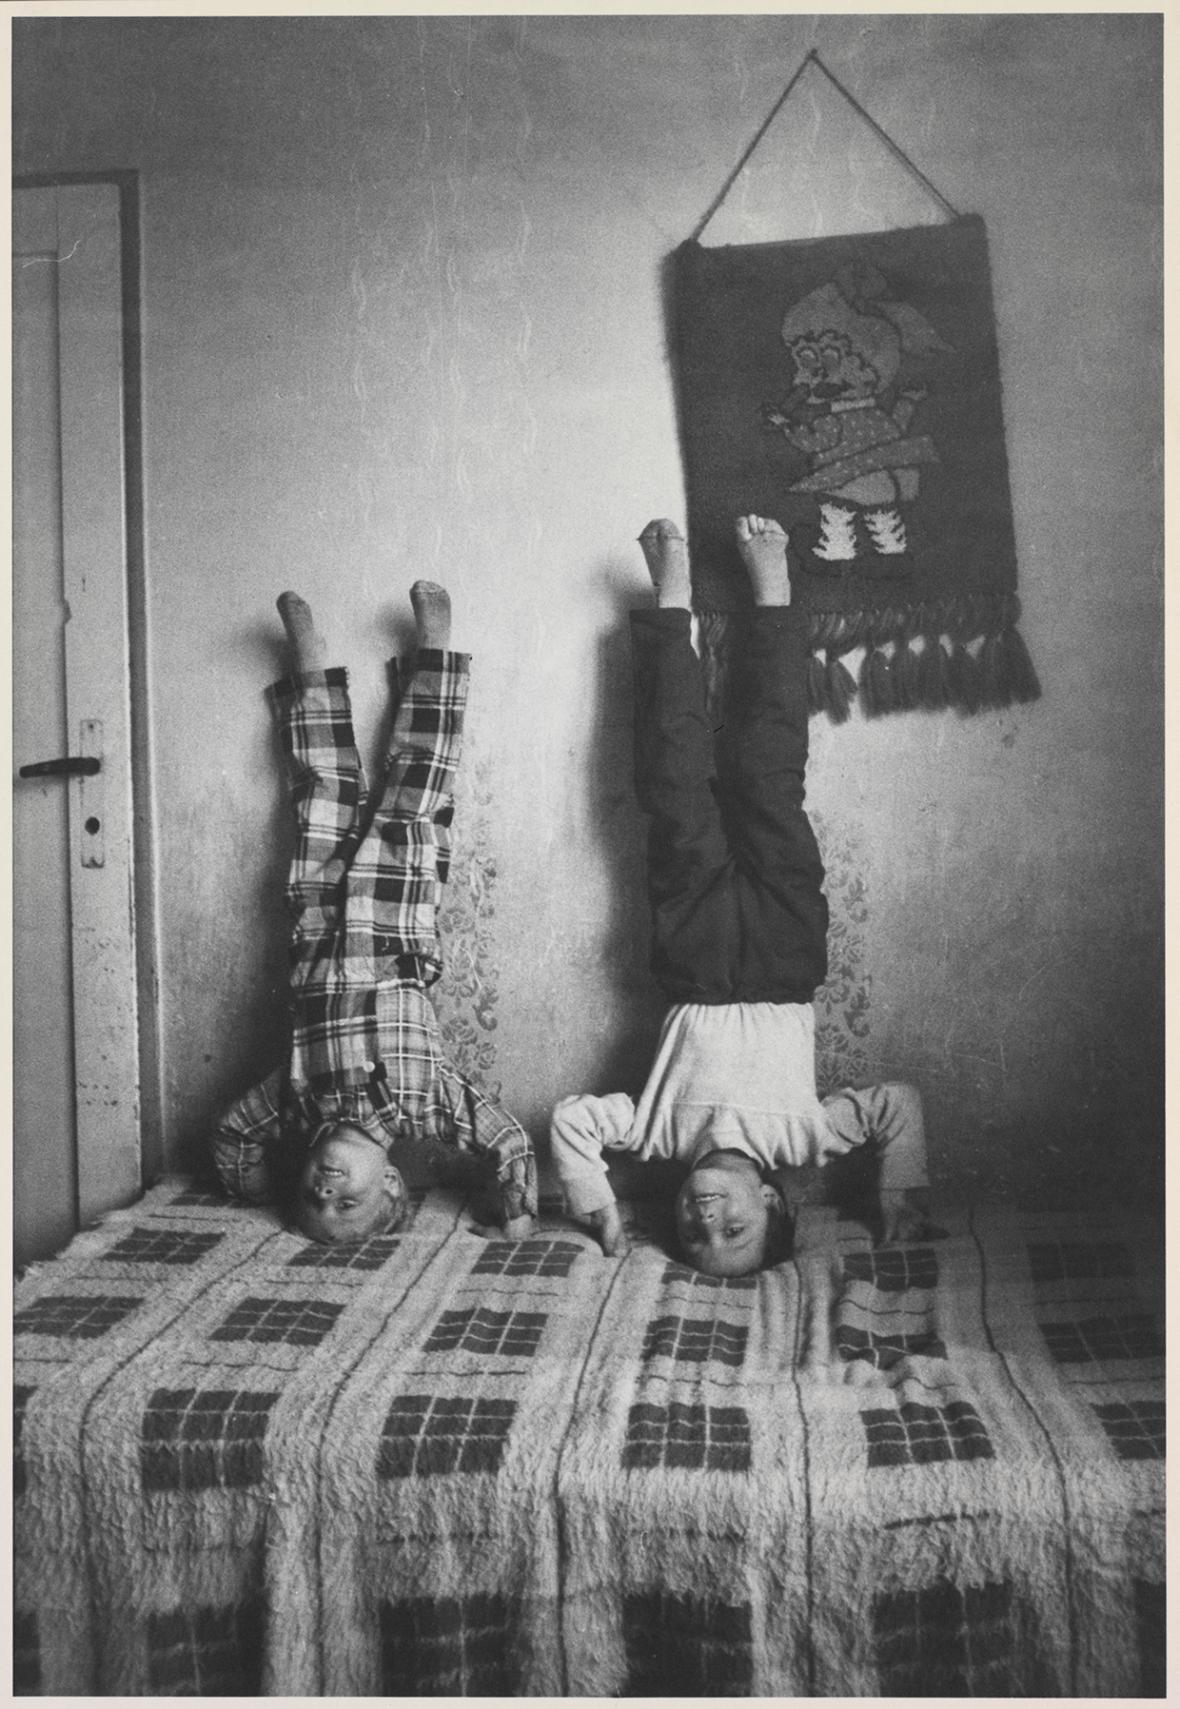 Jindřich Štreit / Stránské, 1983